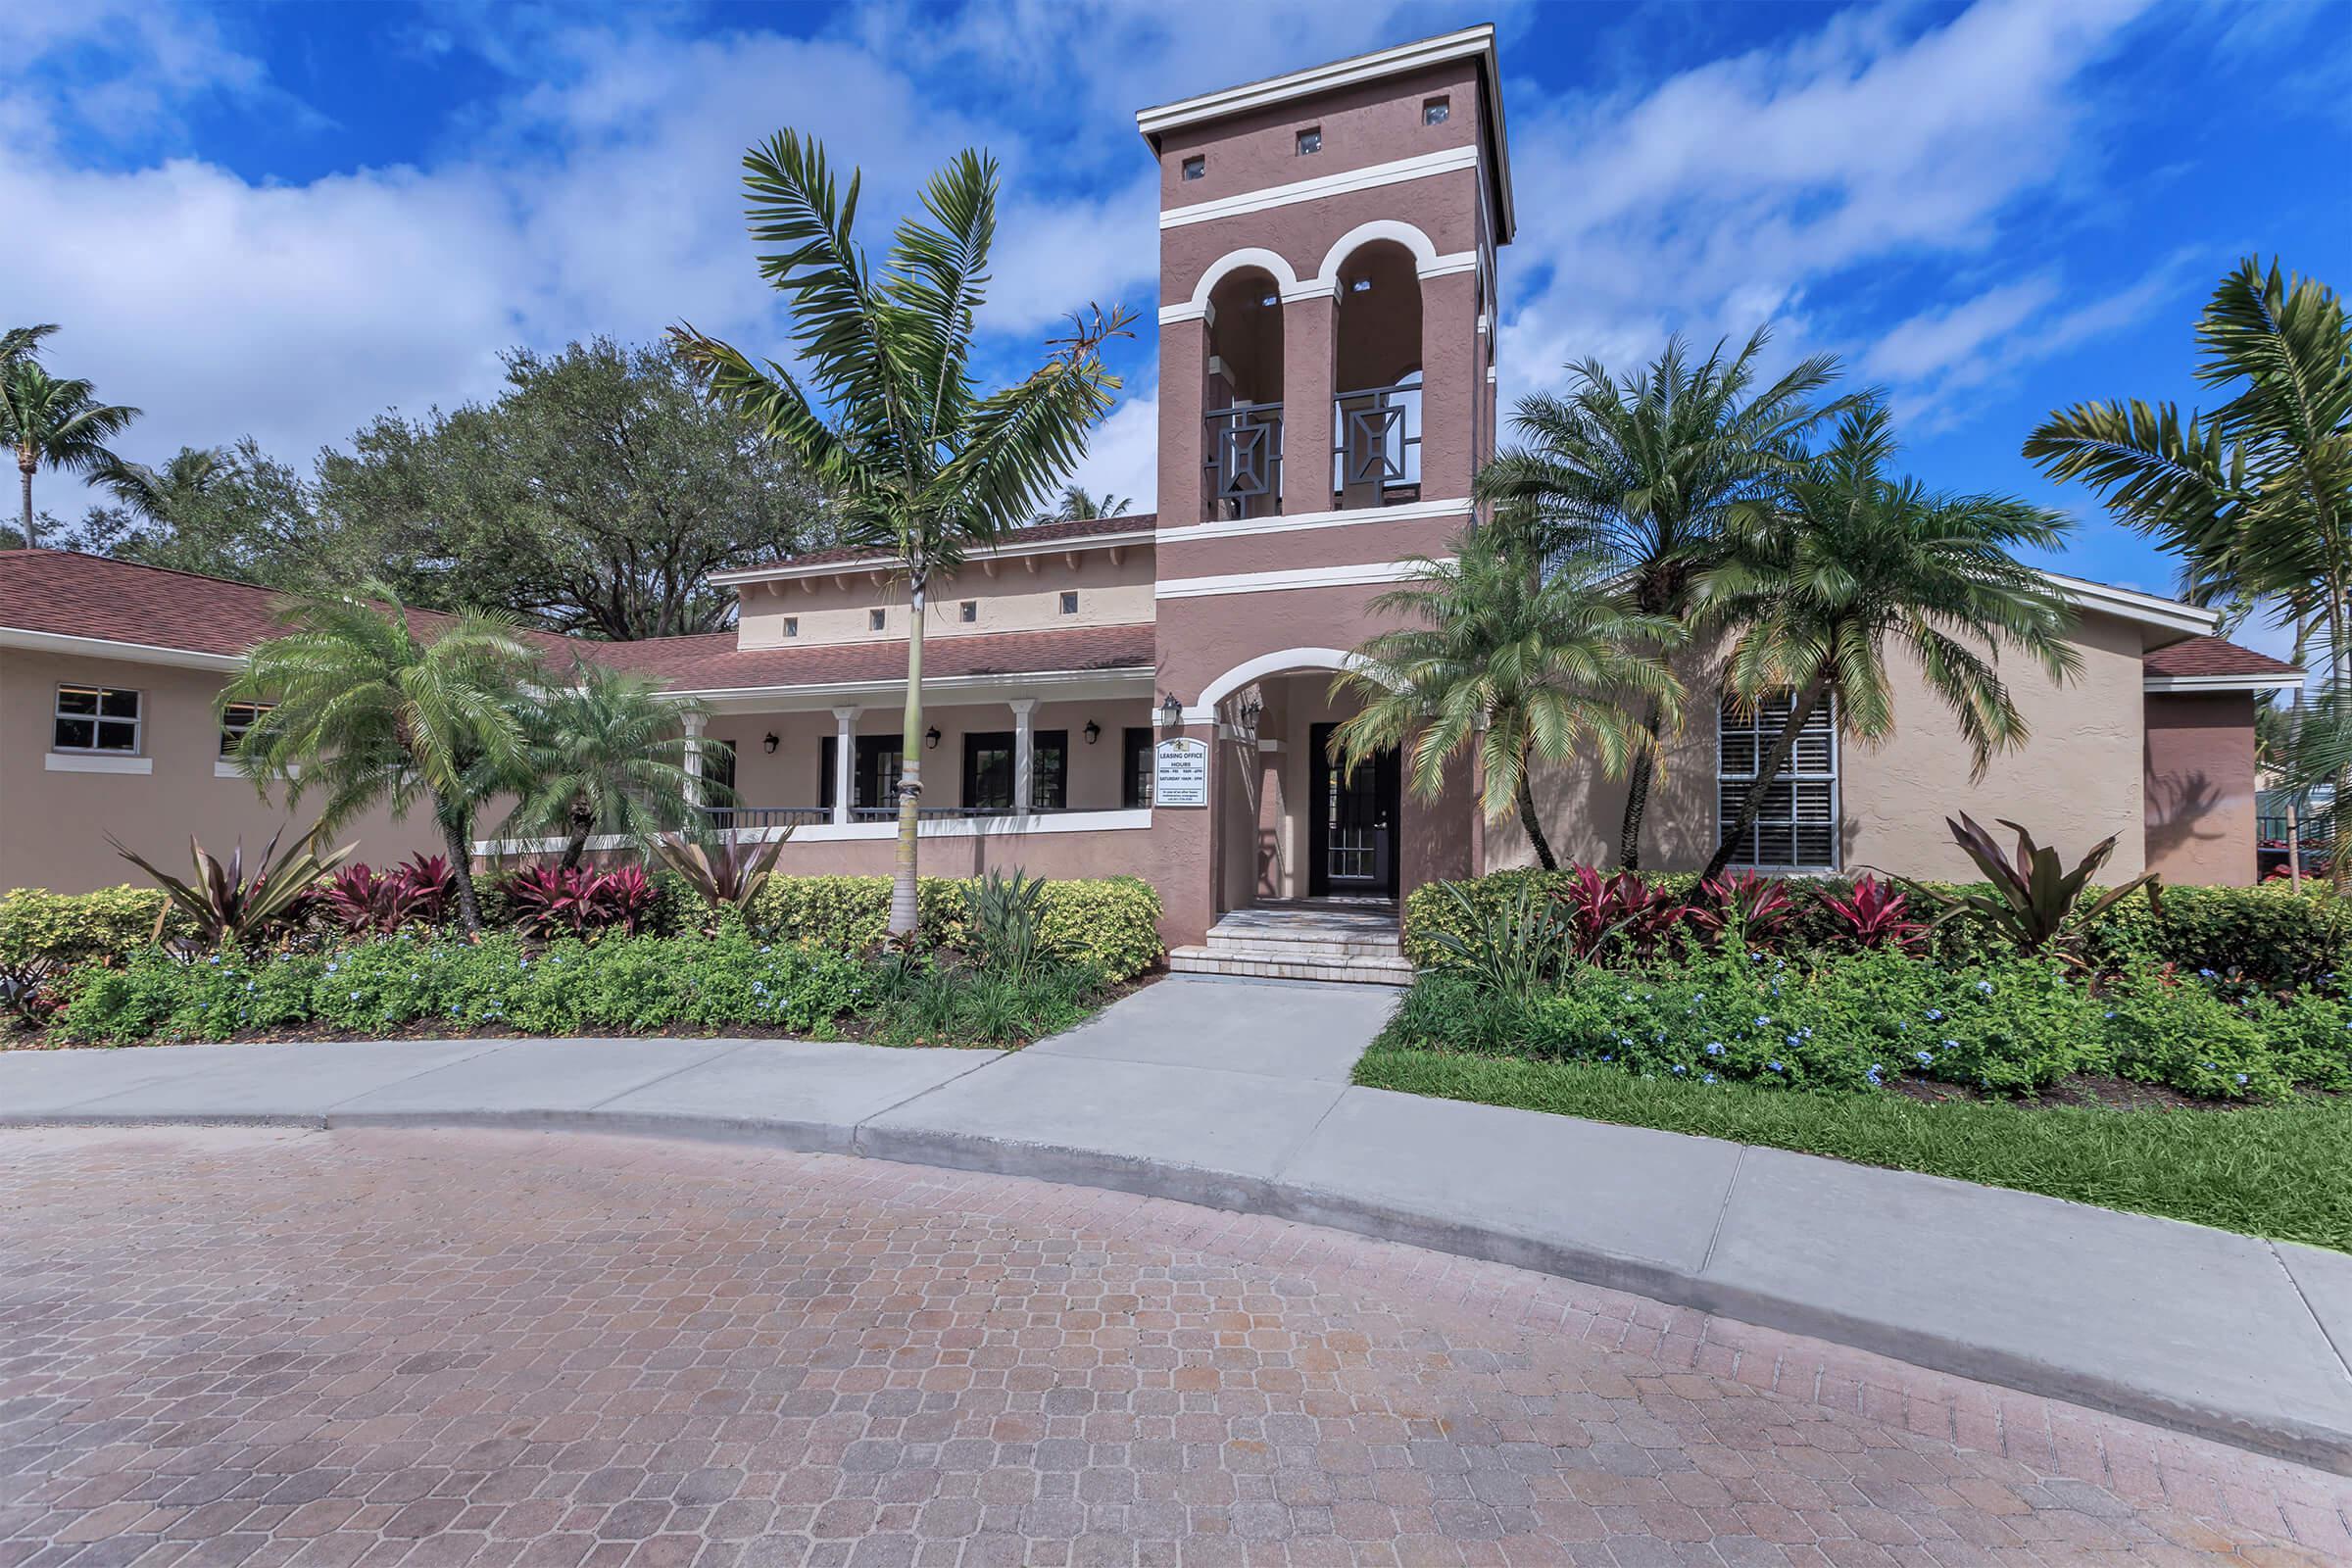 Latitude Pointe Apartments in Boynton Beach, Florida